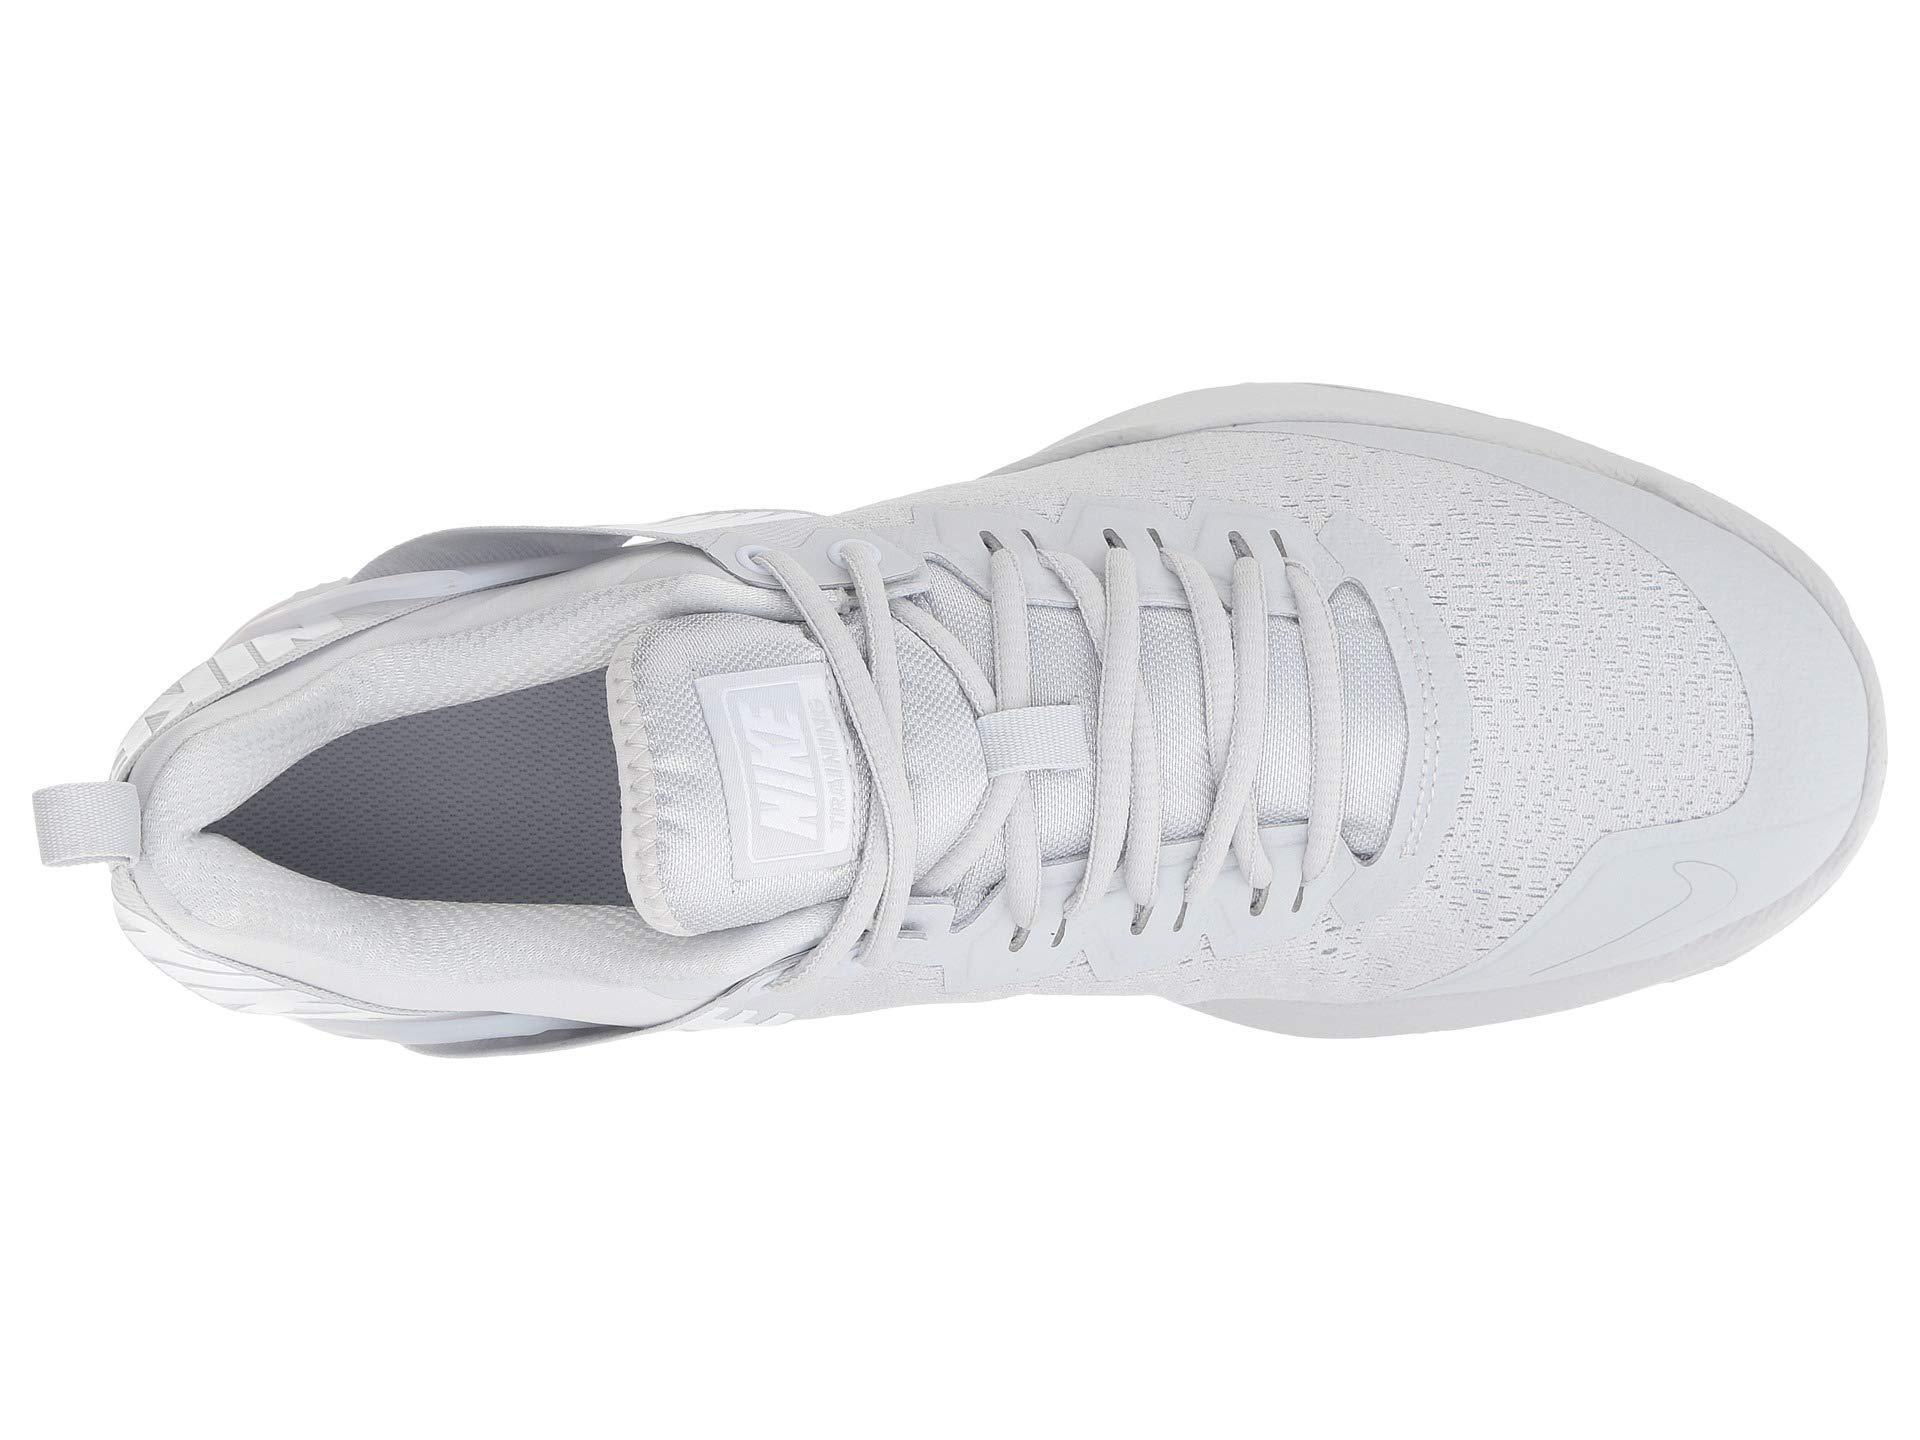 dedc40b8d111c Nike - Zoom Domination Tr 2 (black white) Men s Cross Training Shoes for.  View fullscreen